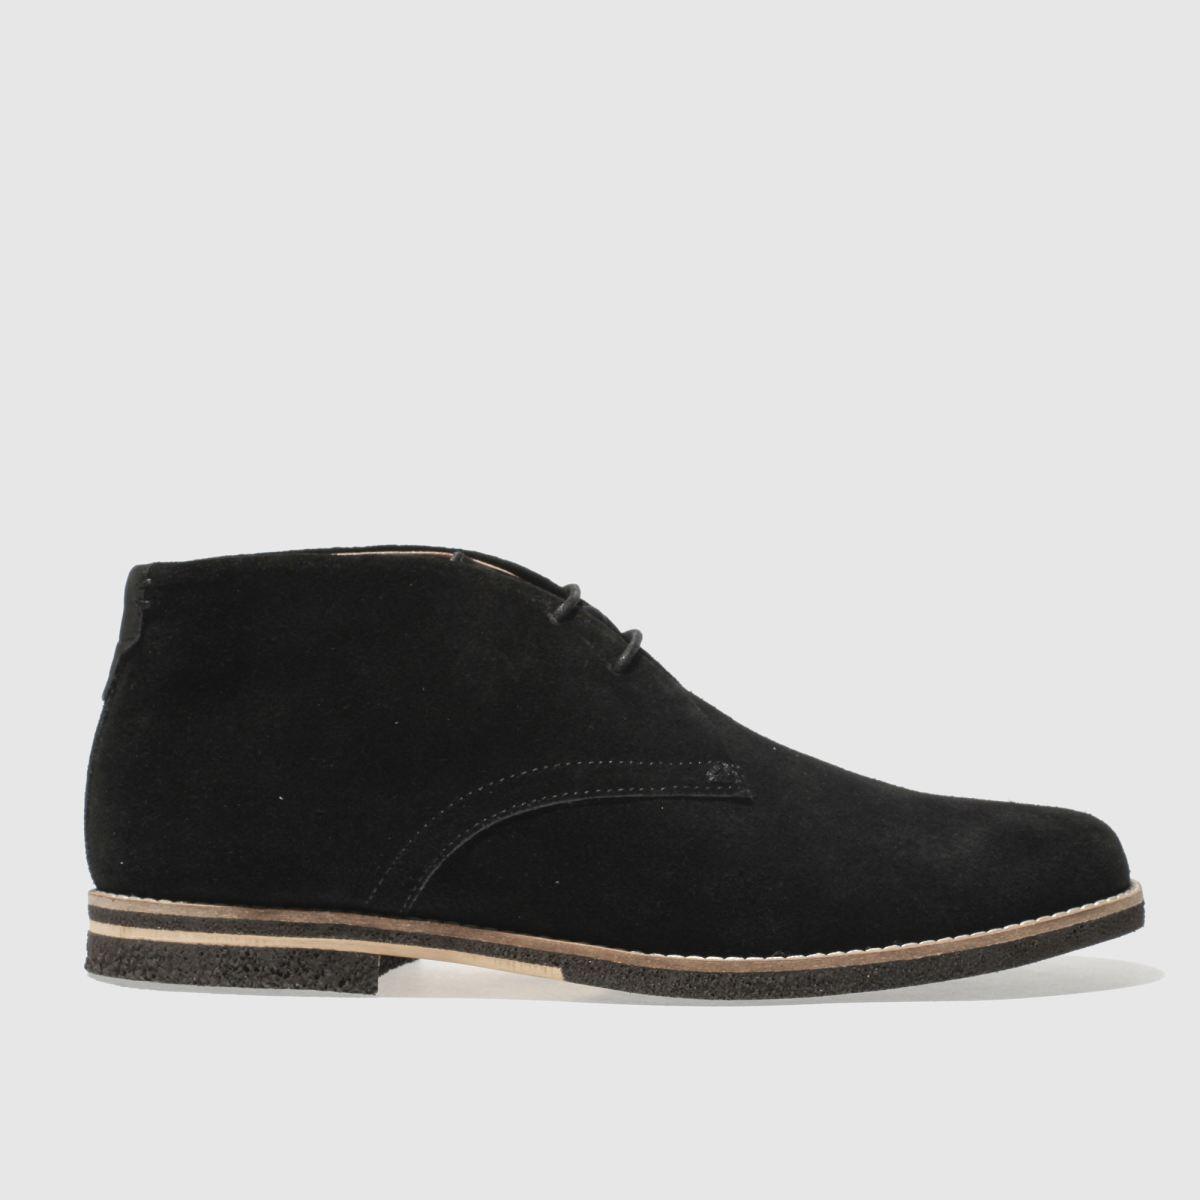 H by Hudson H By Hudson Black Aldershot Boots